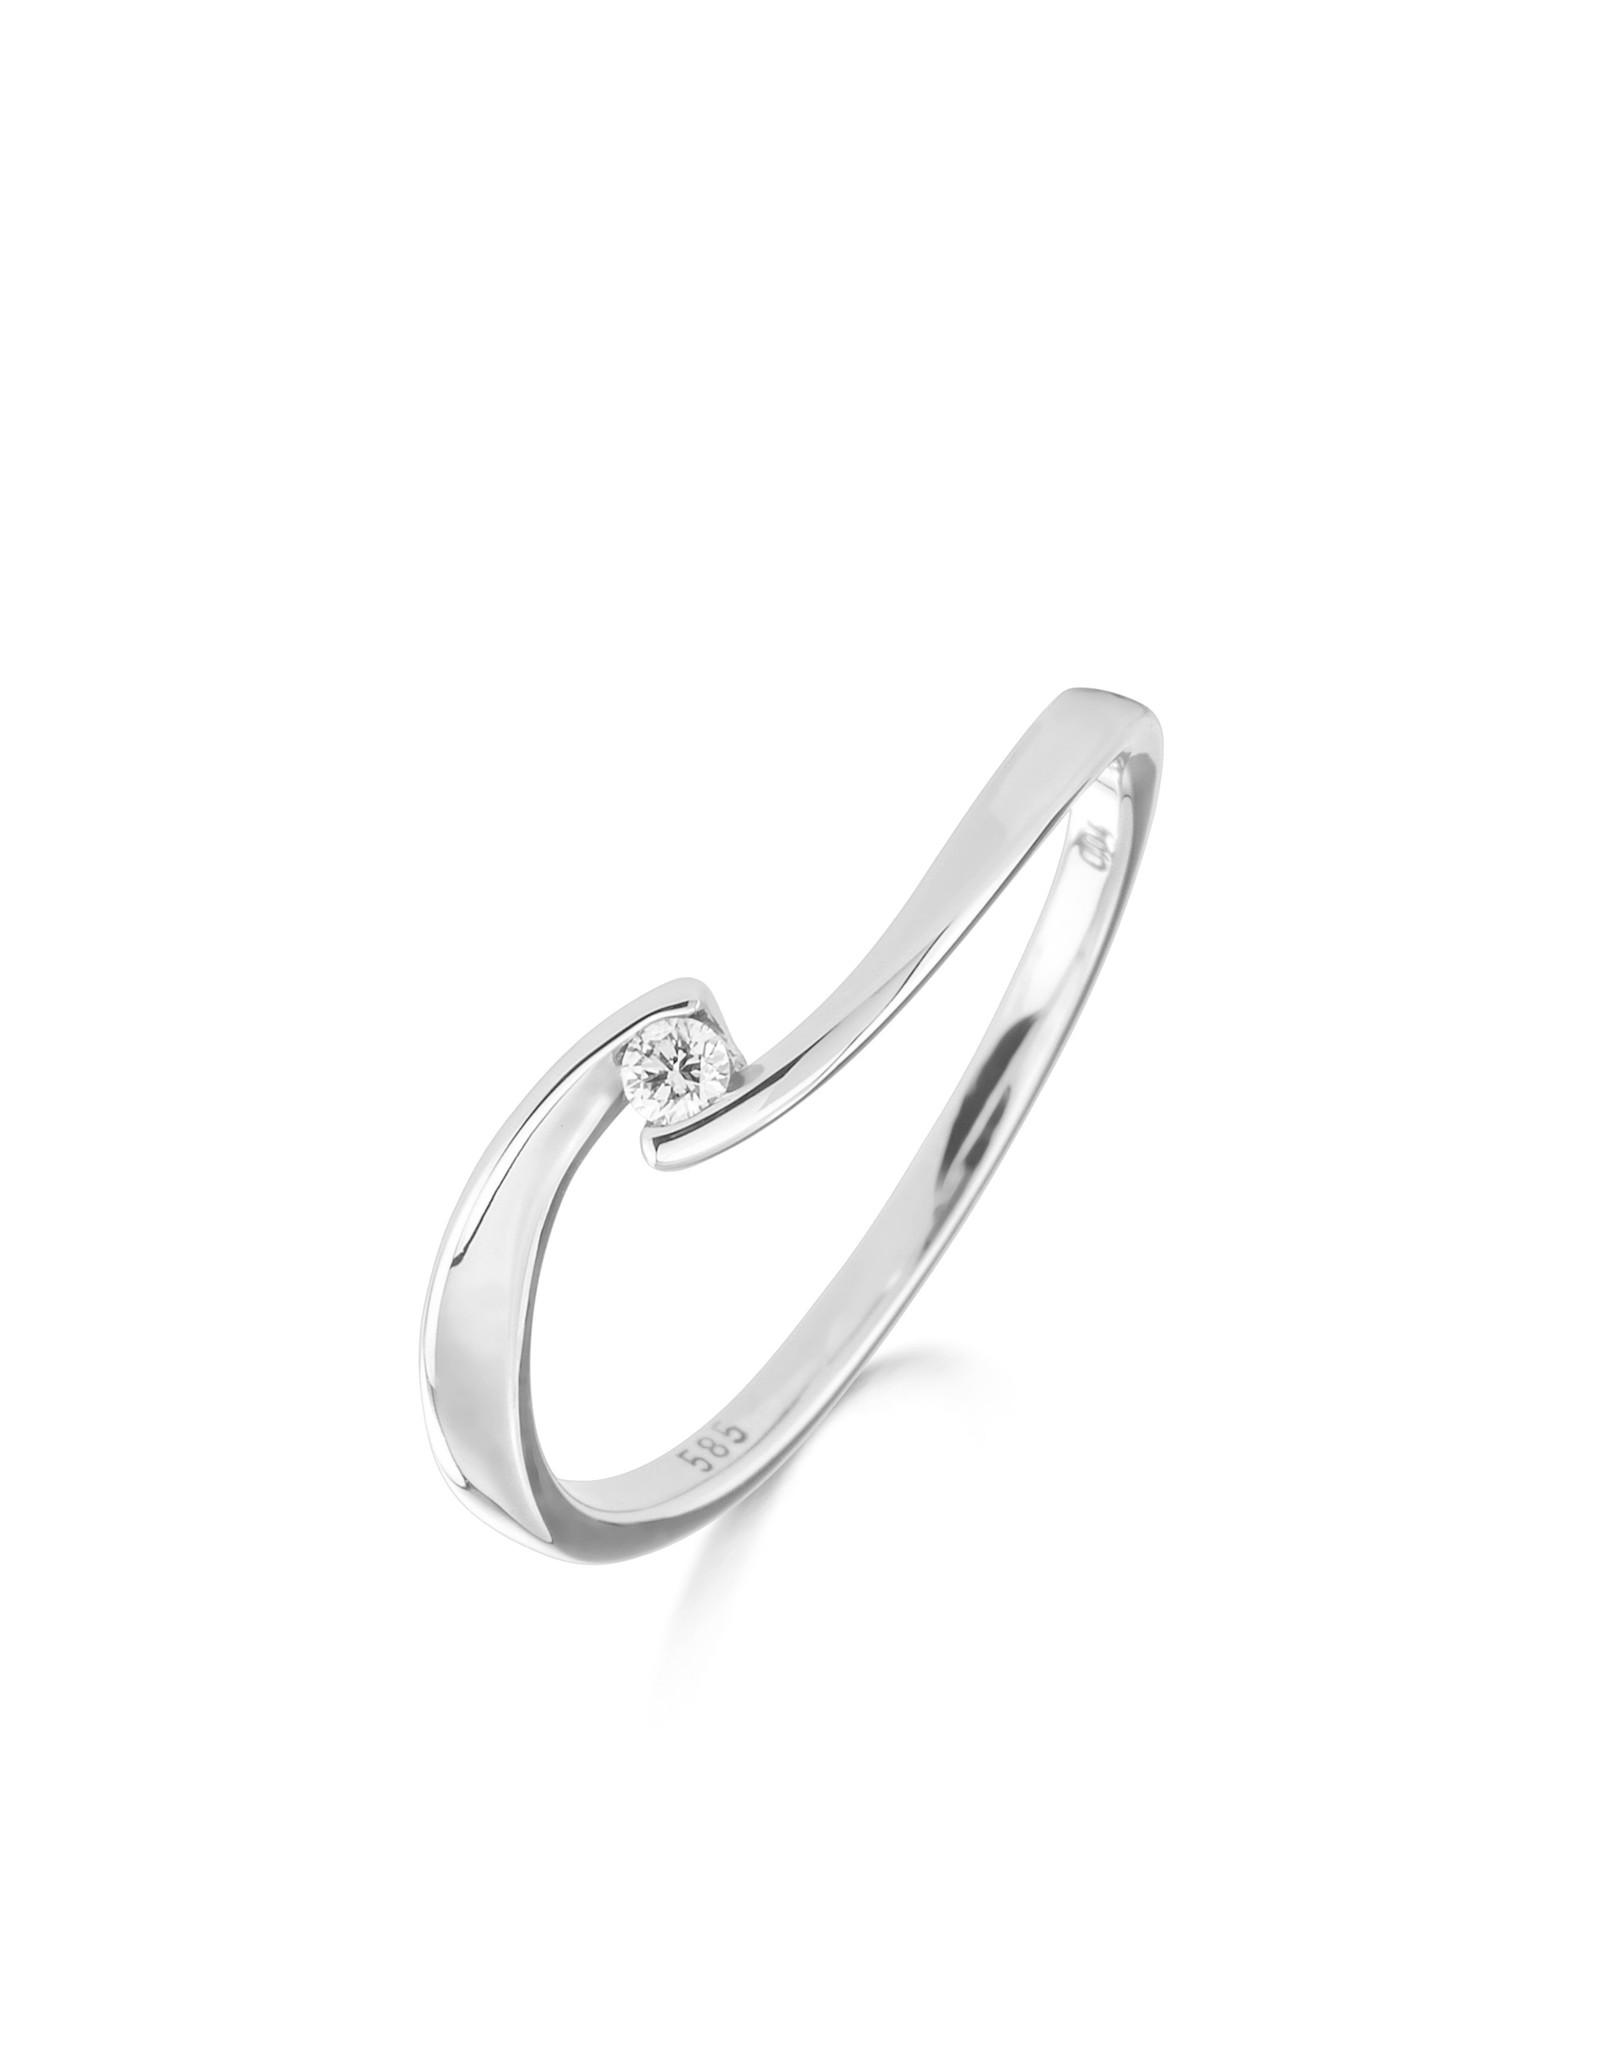 Ring  Solitaire Wit Goud 18kt 91CQ21/A-54 briljant 0.040 ct